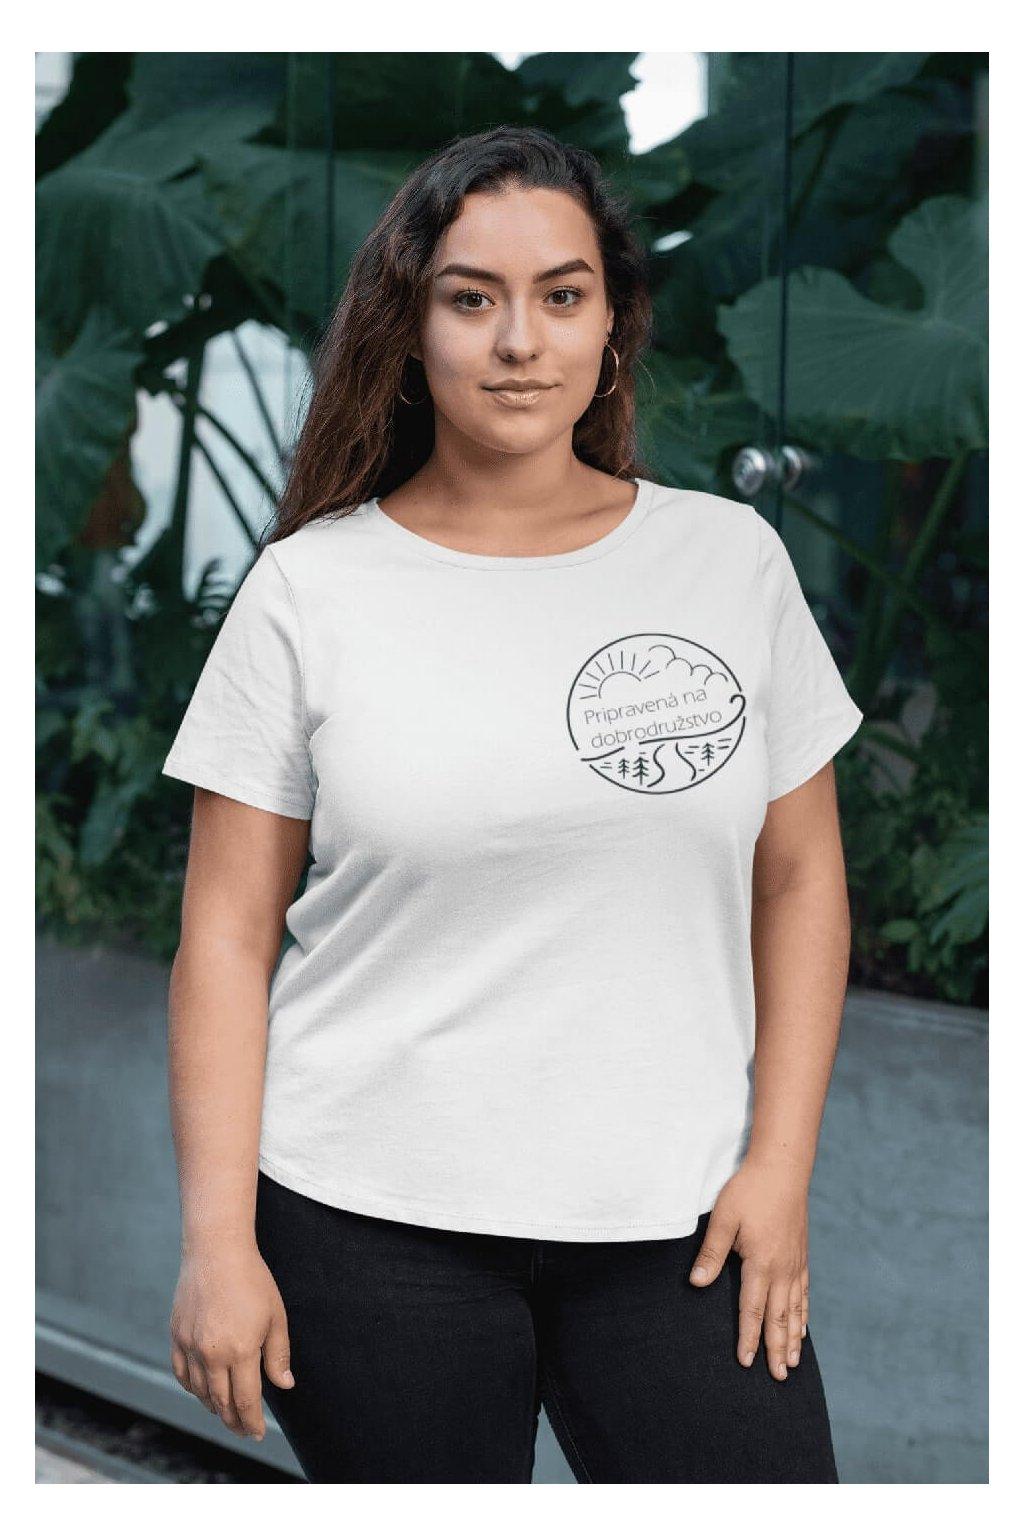 Dámske tričko Pripravená na dobrodružstvo